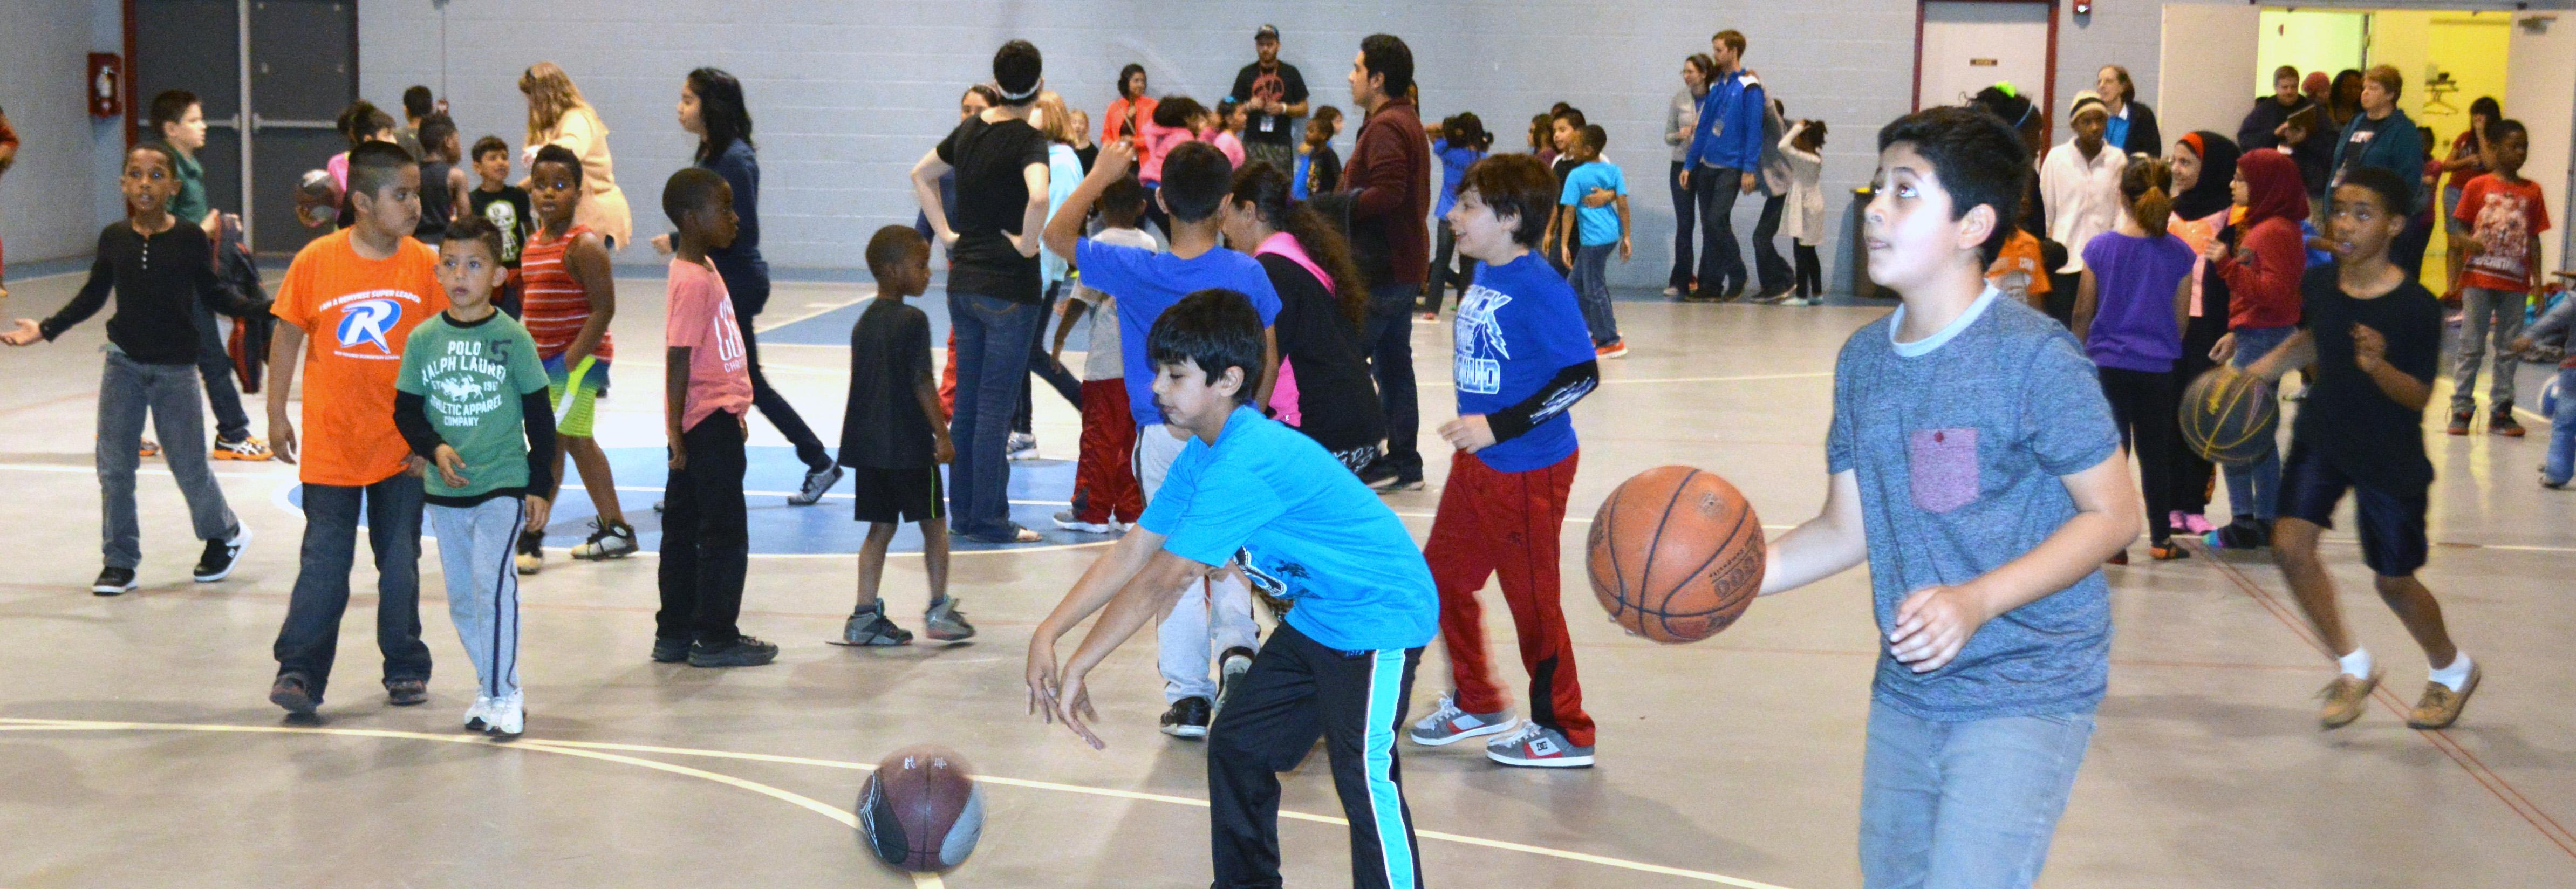 Children's Gym Night 1-15-16